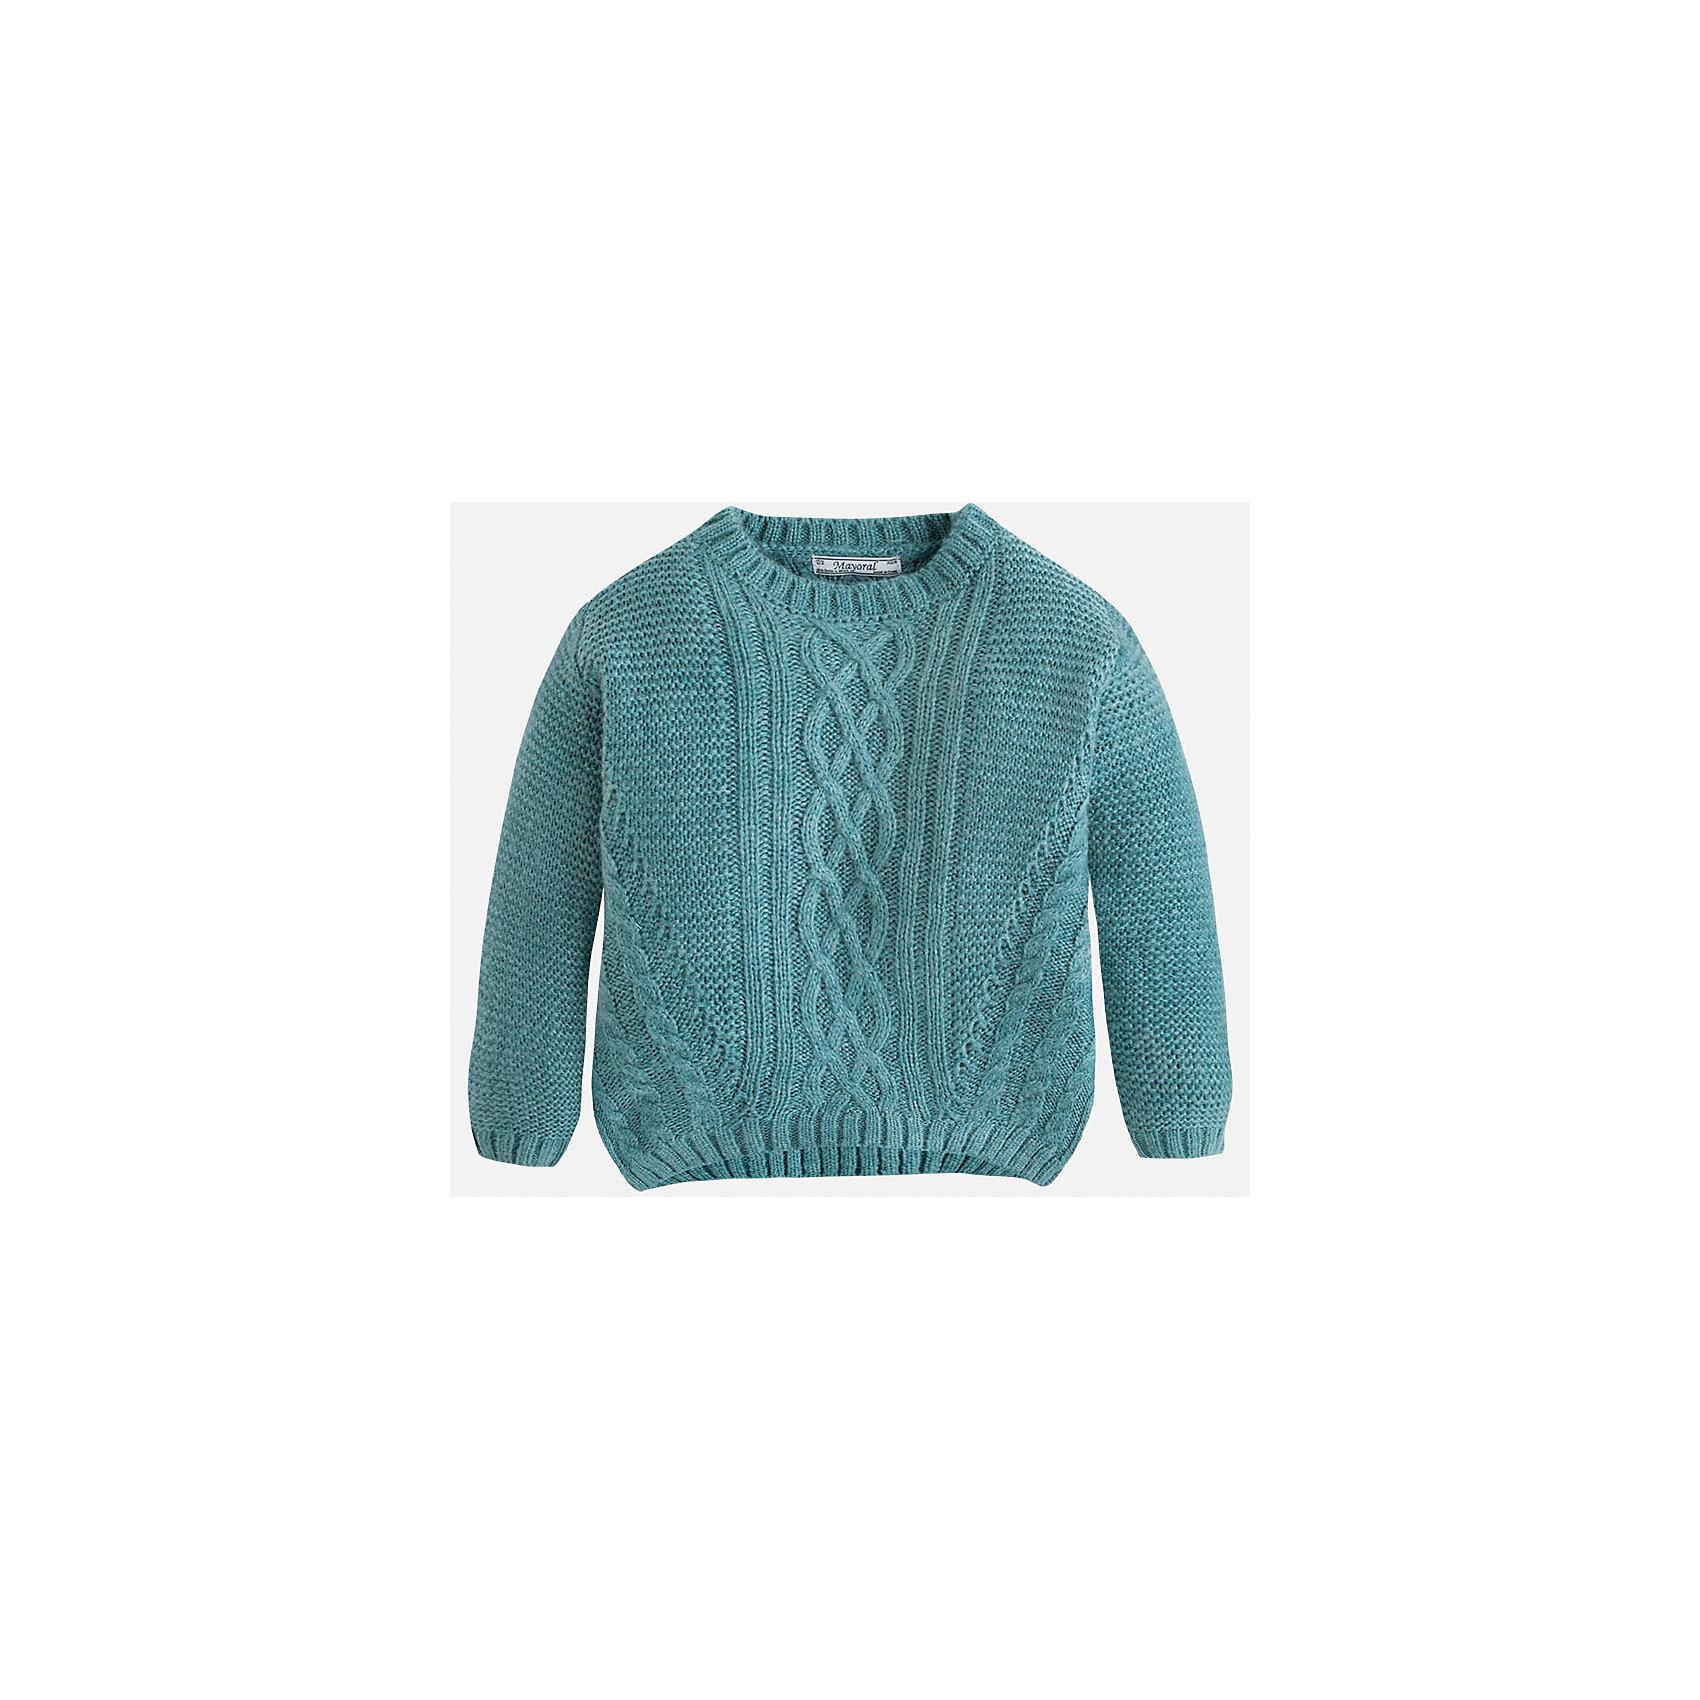 Свитер для девочки MayoralСвитера и кардиганы<br>Вязаный свитер  цвета морской волны торговой марки    Майорал -Mayoral для девочек.<br>Свитер выполнен из акрила.  Изделие из  мягкого трикотажа с рукавами реглан, впереди украшено узором, будет прекрасно сочетаться с джинсами и брюками.<br><br>Дополнительная информация: <br><br>- цвет: бирюзовый<br>- состав: акрил 100%<br>- фактура материала: текстильный<br>- тип карманов: без карманов<br>- уход за вещами: бережная стирка при 30 градусах<br>- рисунок: без рисунка<br>- назначение: повседневная<br>- сезон: круглогодичный<br>- пол: девочки<br>- страна бренда: Испания<br>- комплектация: свитер<br><br>Свитер для девочки торговой марки Mayoral можно купить в нашем интернет-магазине.<br><br>Ширина мм: 190<br>Глубина мм: 74<br>Высота мм: 229<br>Вес г: 236<br>Цвет: зеленый<br>Возраст от месяцев: 96<br>Возраст до месяцев: 108<br>Пол: Женский<br>Возраст: Детский<br>Размер: 128,110,122,104,116,134,98<br>SKU: 4846611